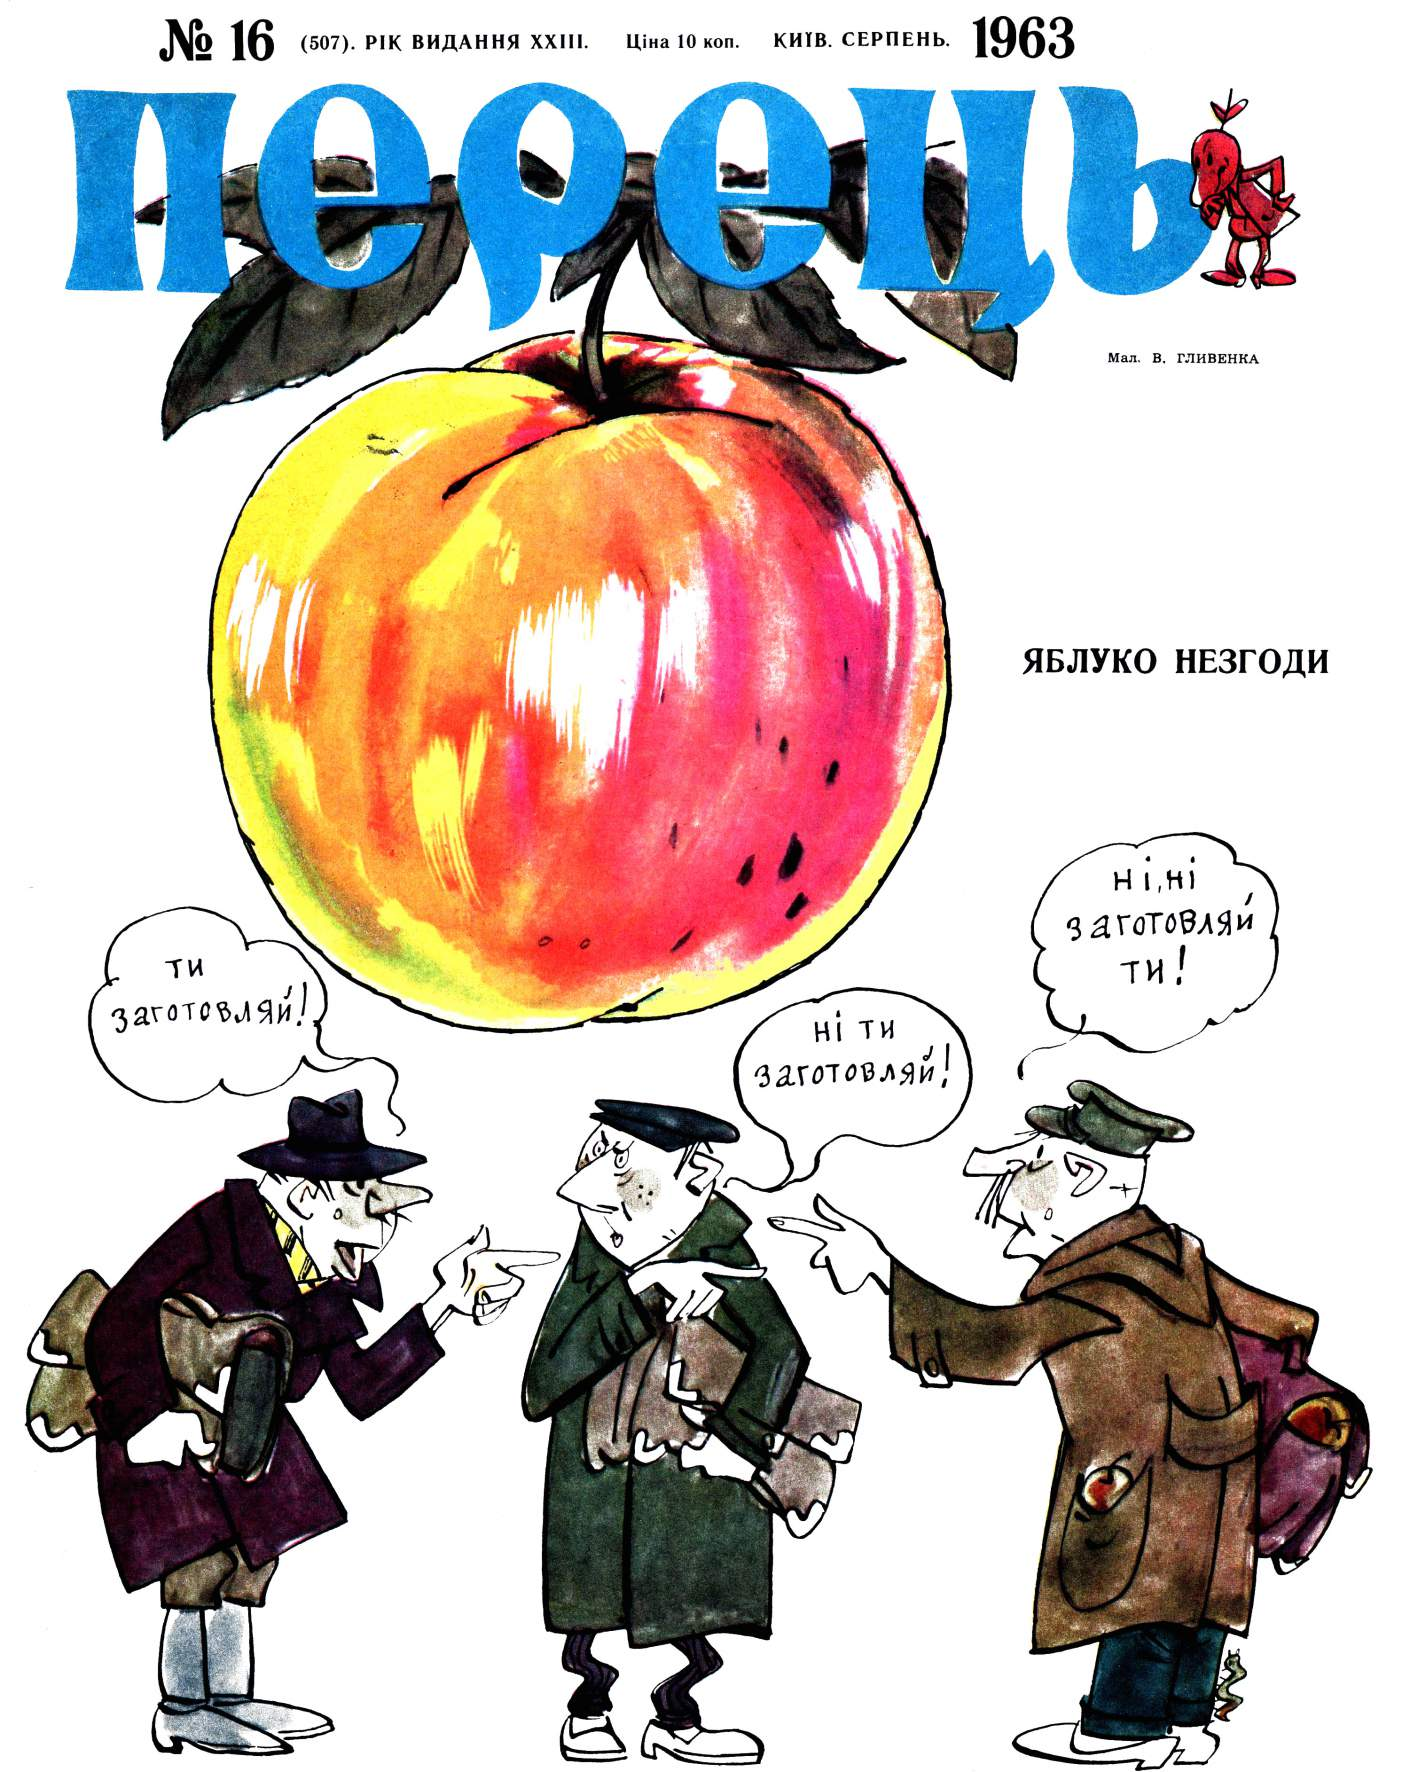 Журнал перець 1963 №16